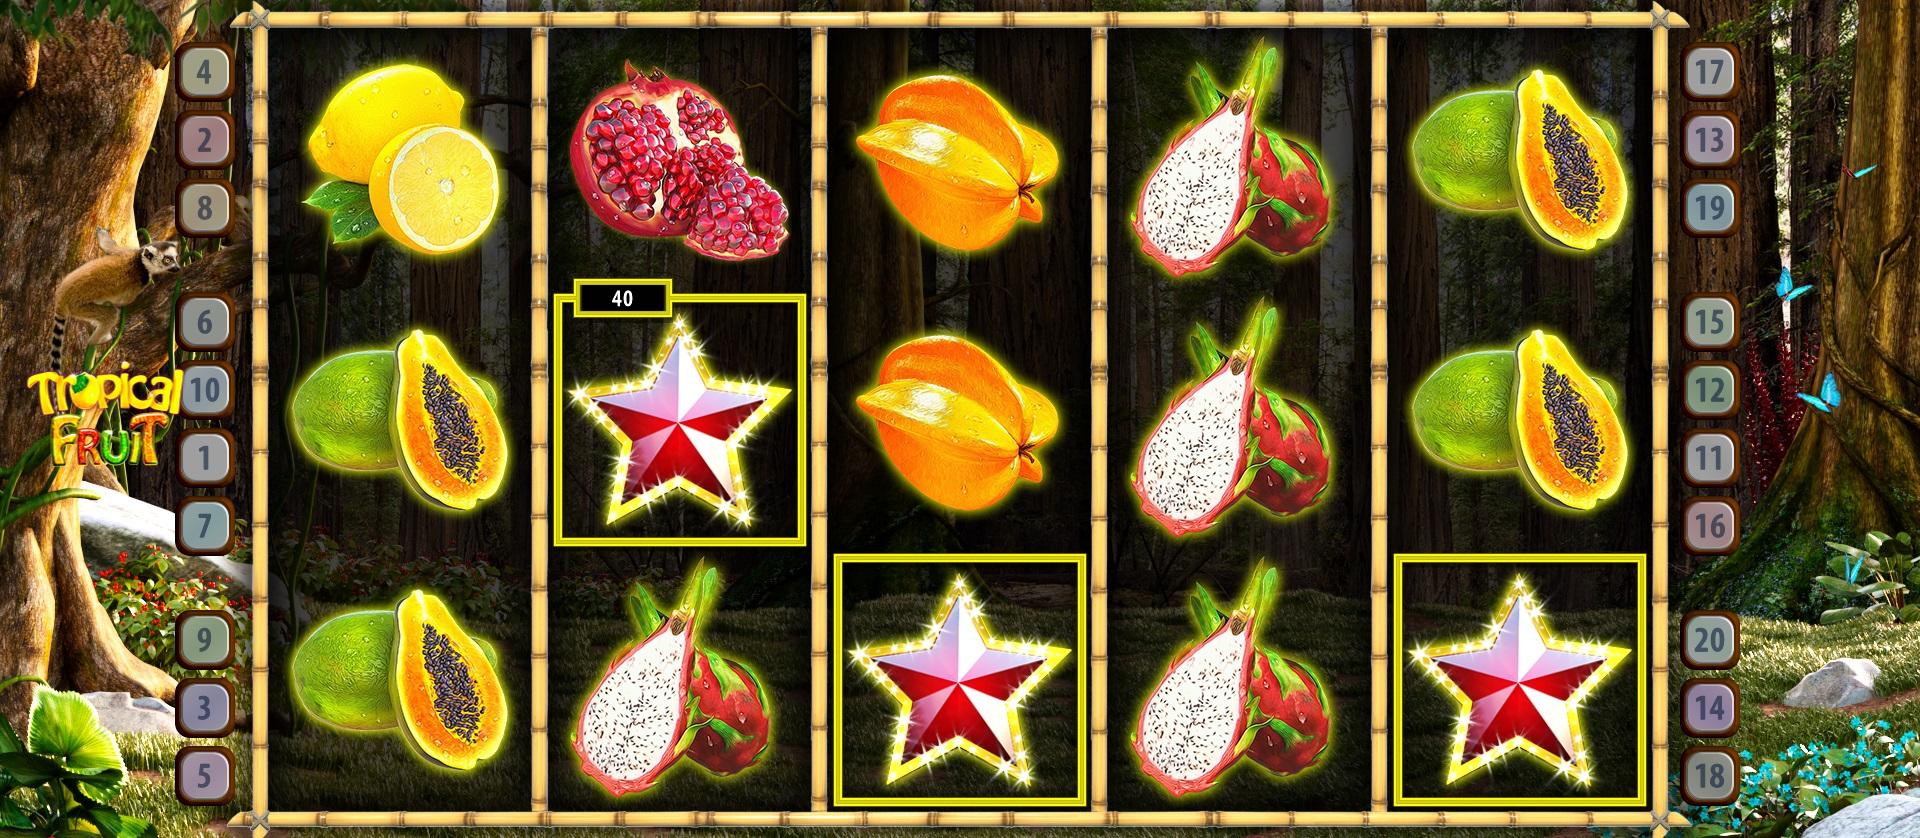 Игровые автоматы tropical чат рулетка 18 онлайн бесплатно